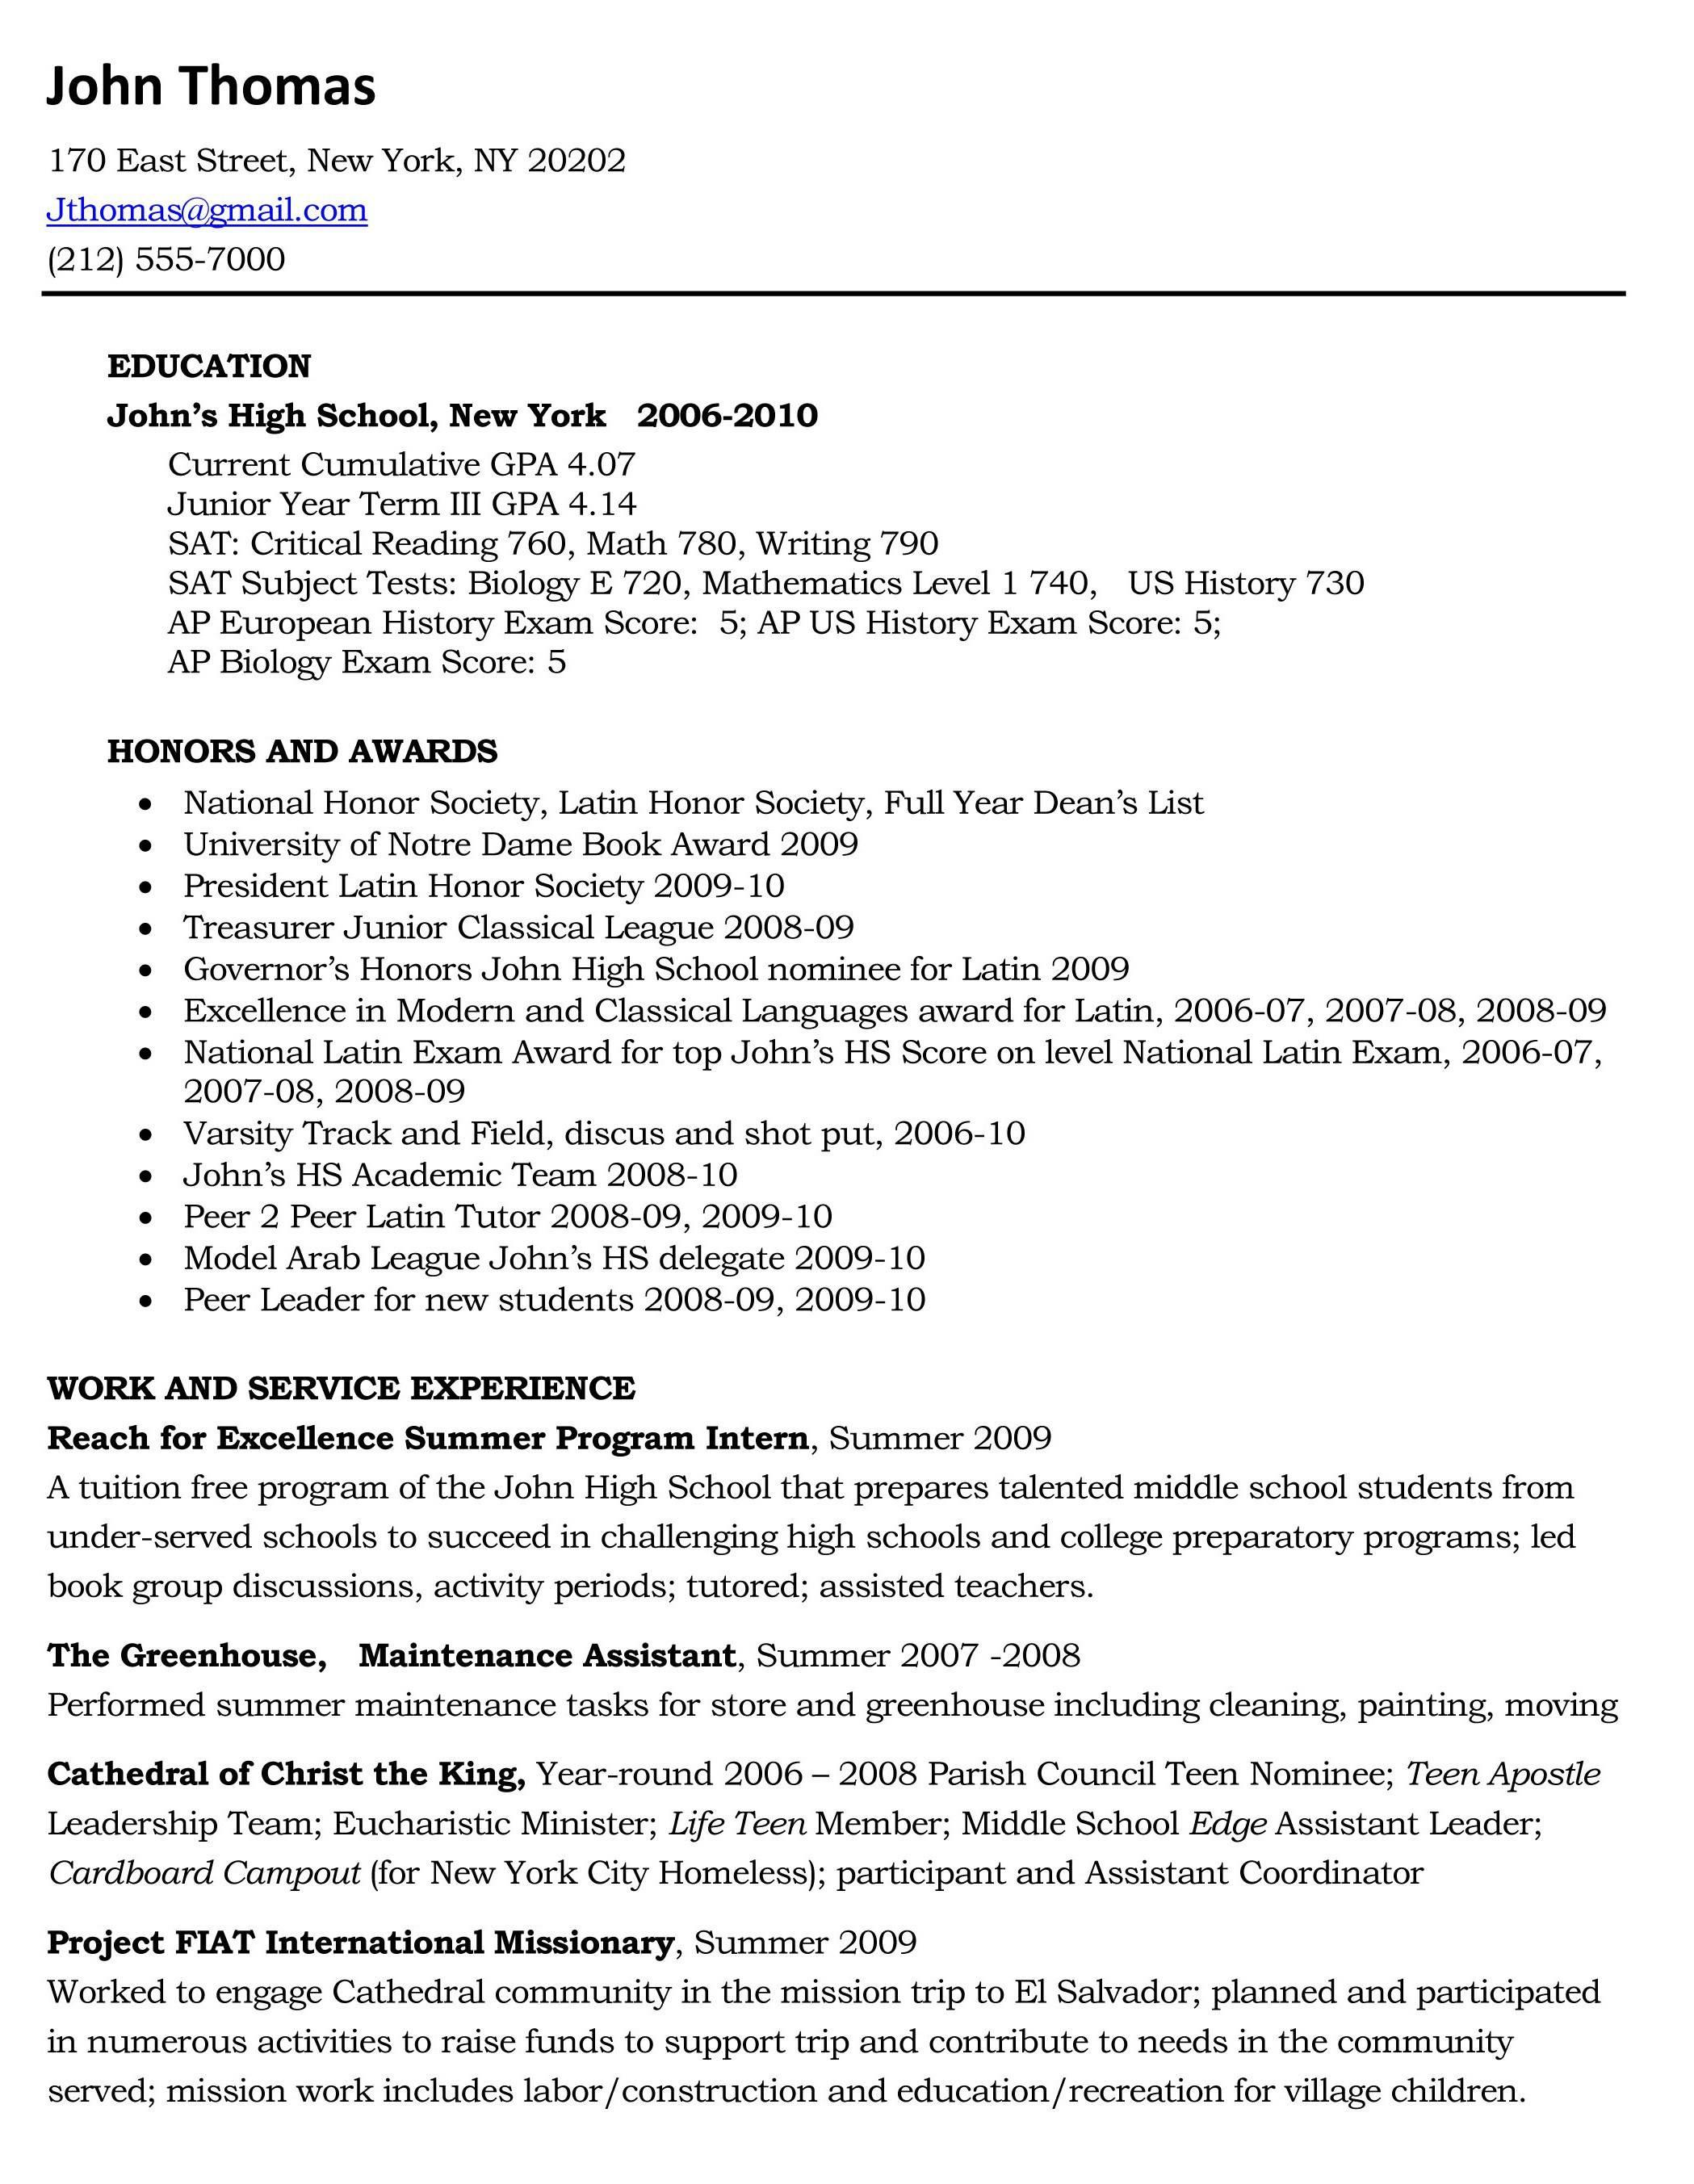 003 008723769 1 eagle scout essay